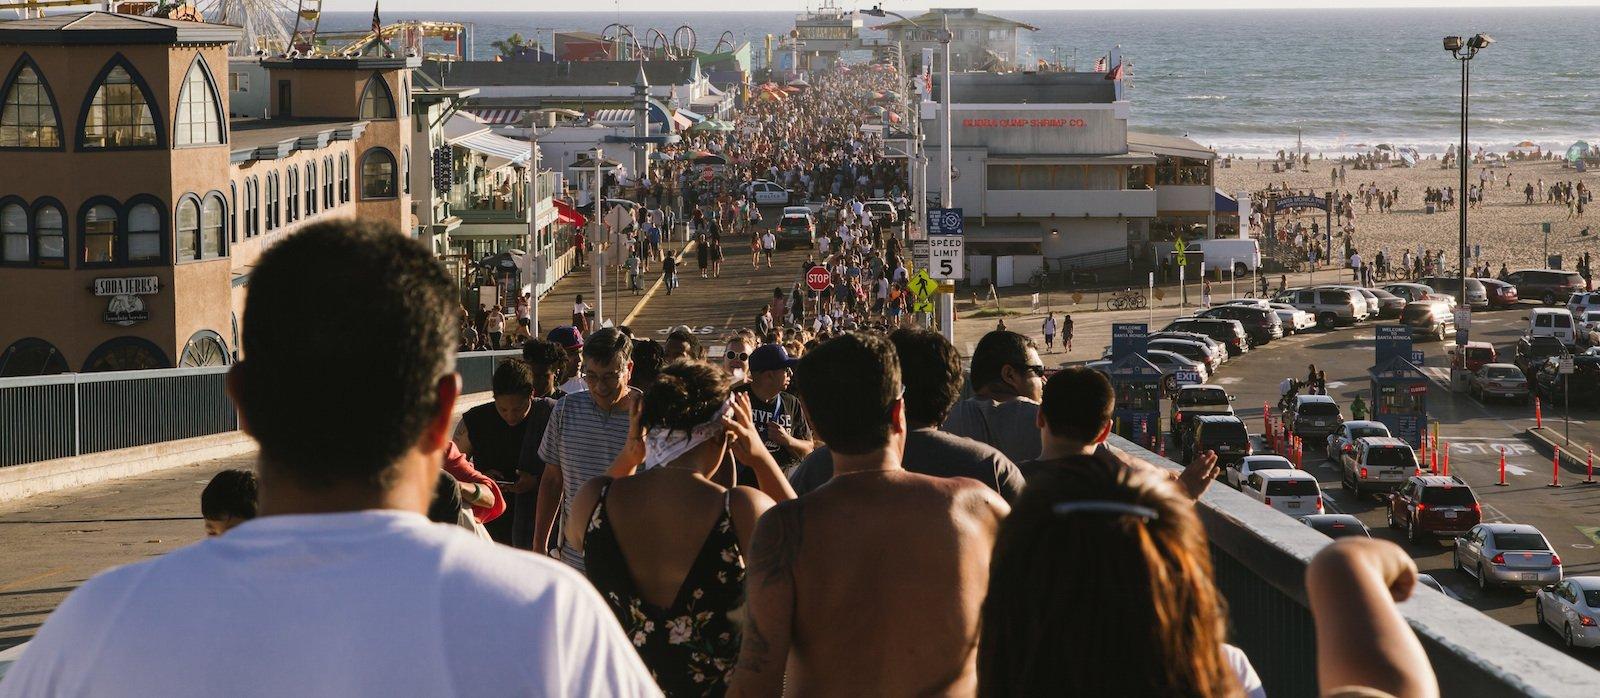 Beach_Boardwalk.jpg